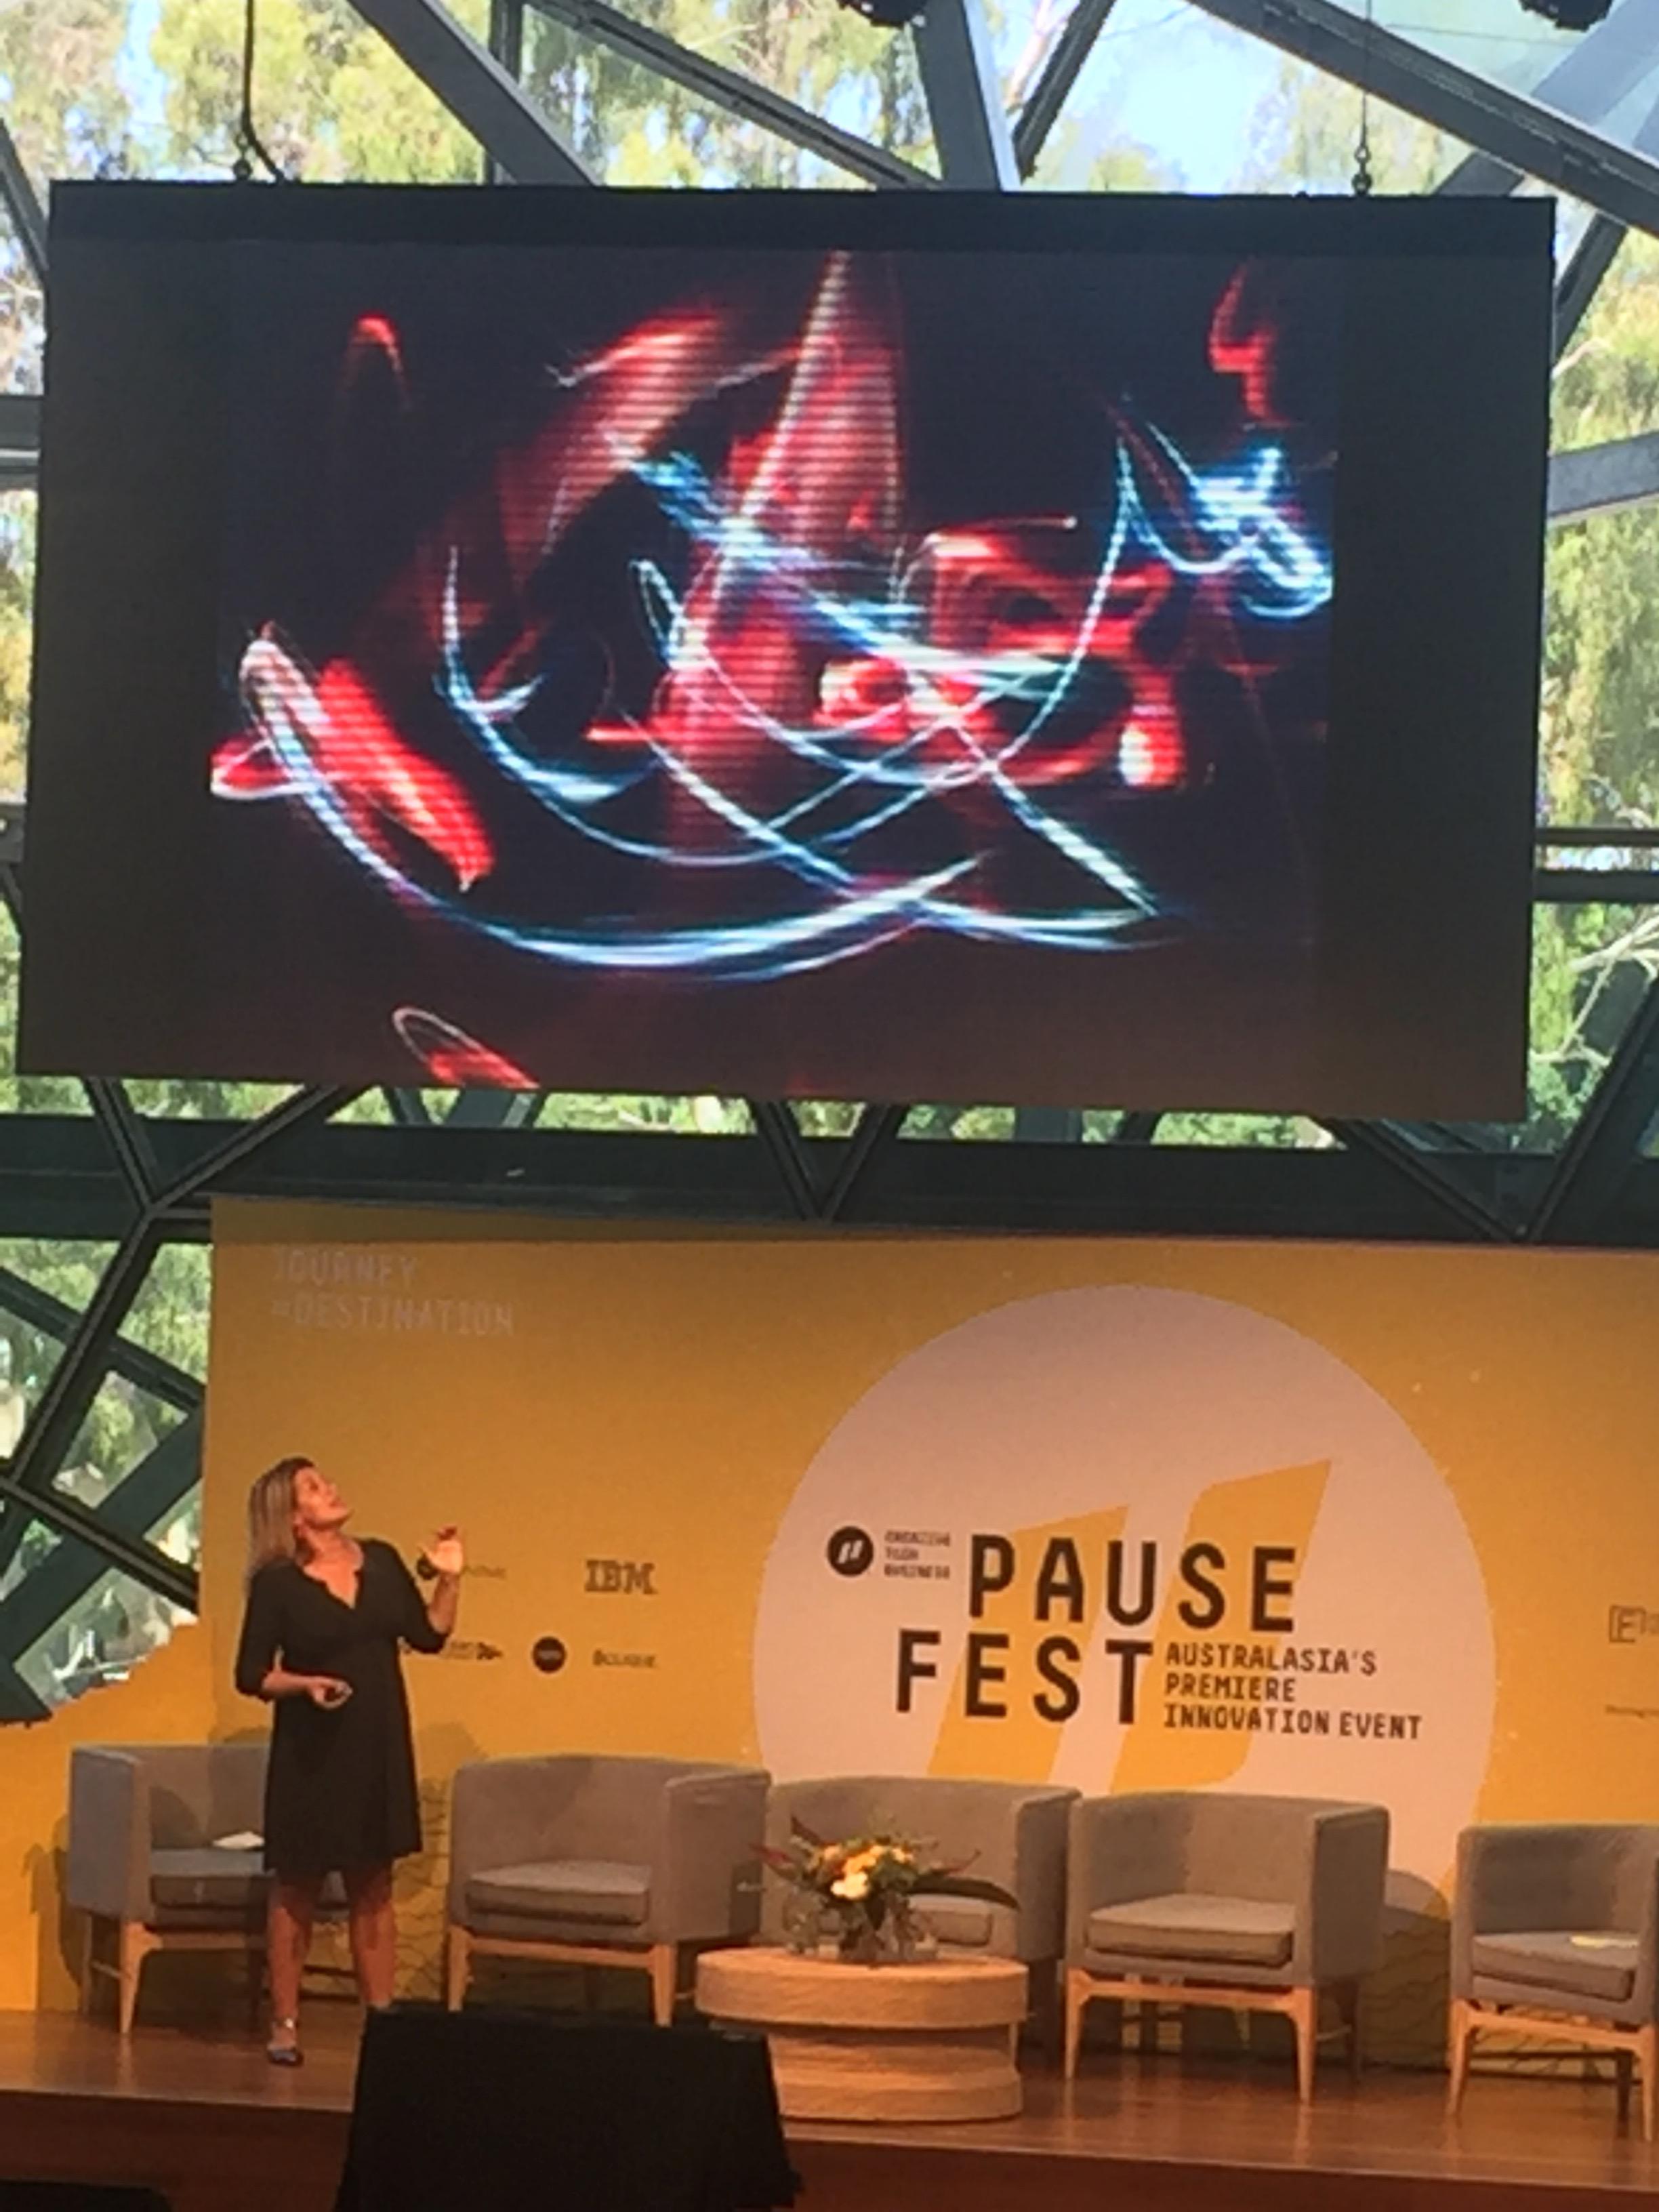 The Design Process according to Amazon's head of Design Research Cecilia Ambros